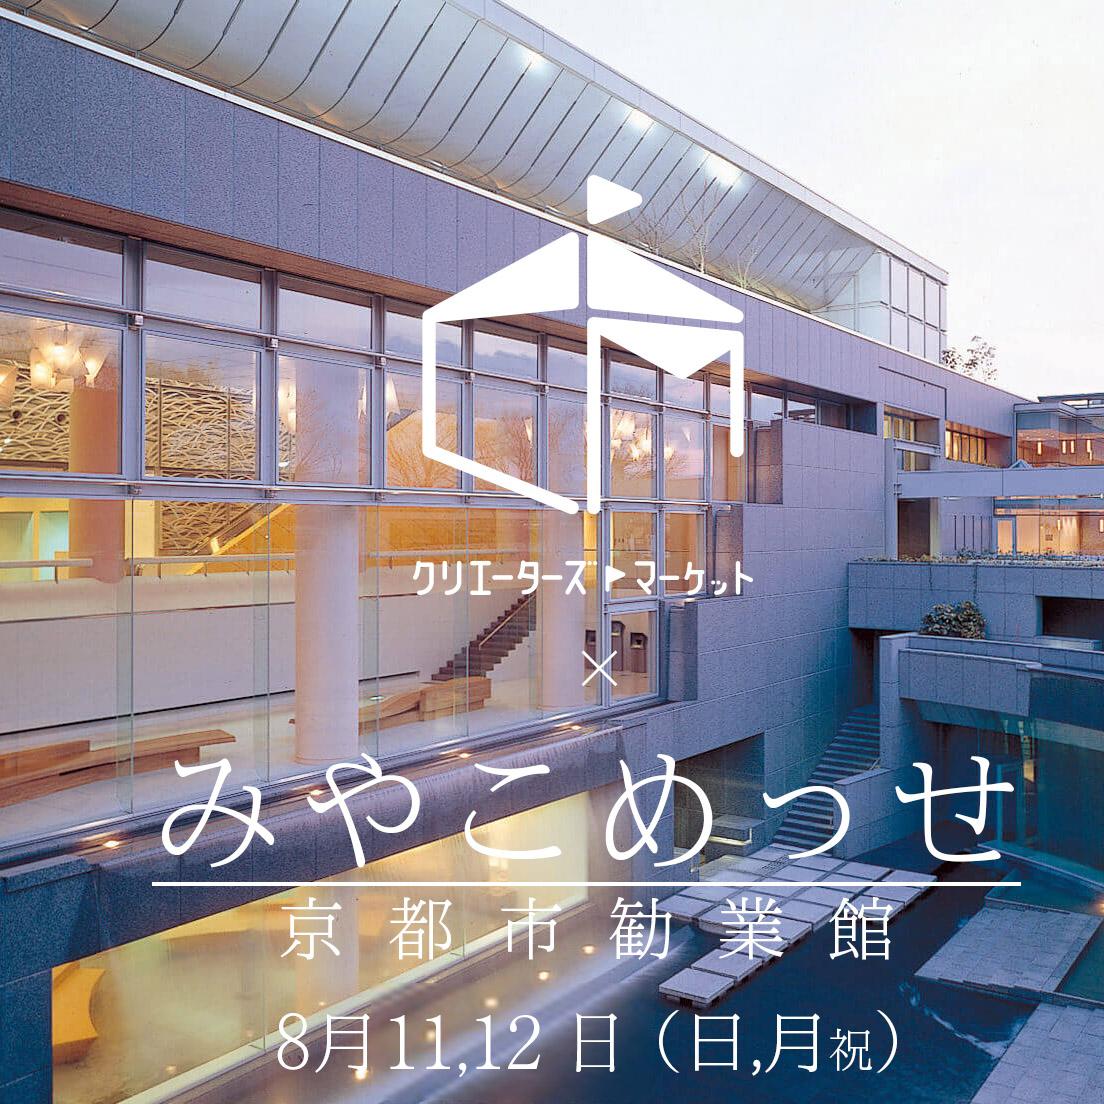 クリエーターズマーケット京都